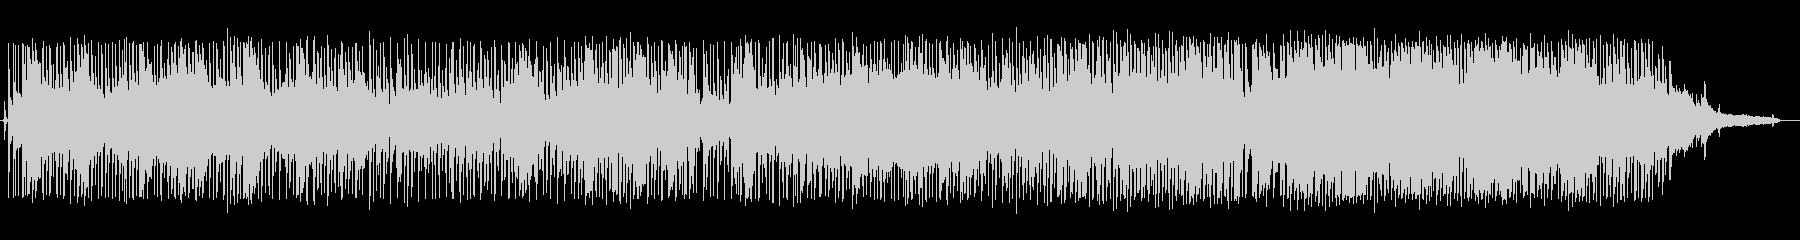 サックスを使用したライブサウンドア...の未再生の波形